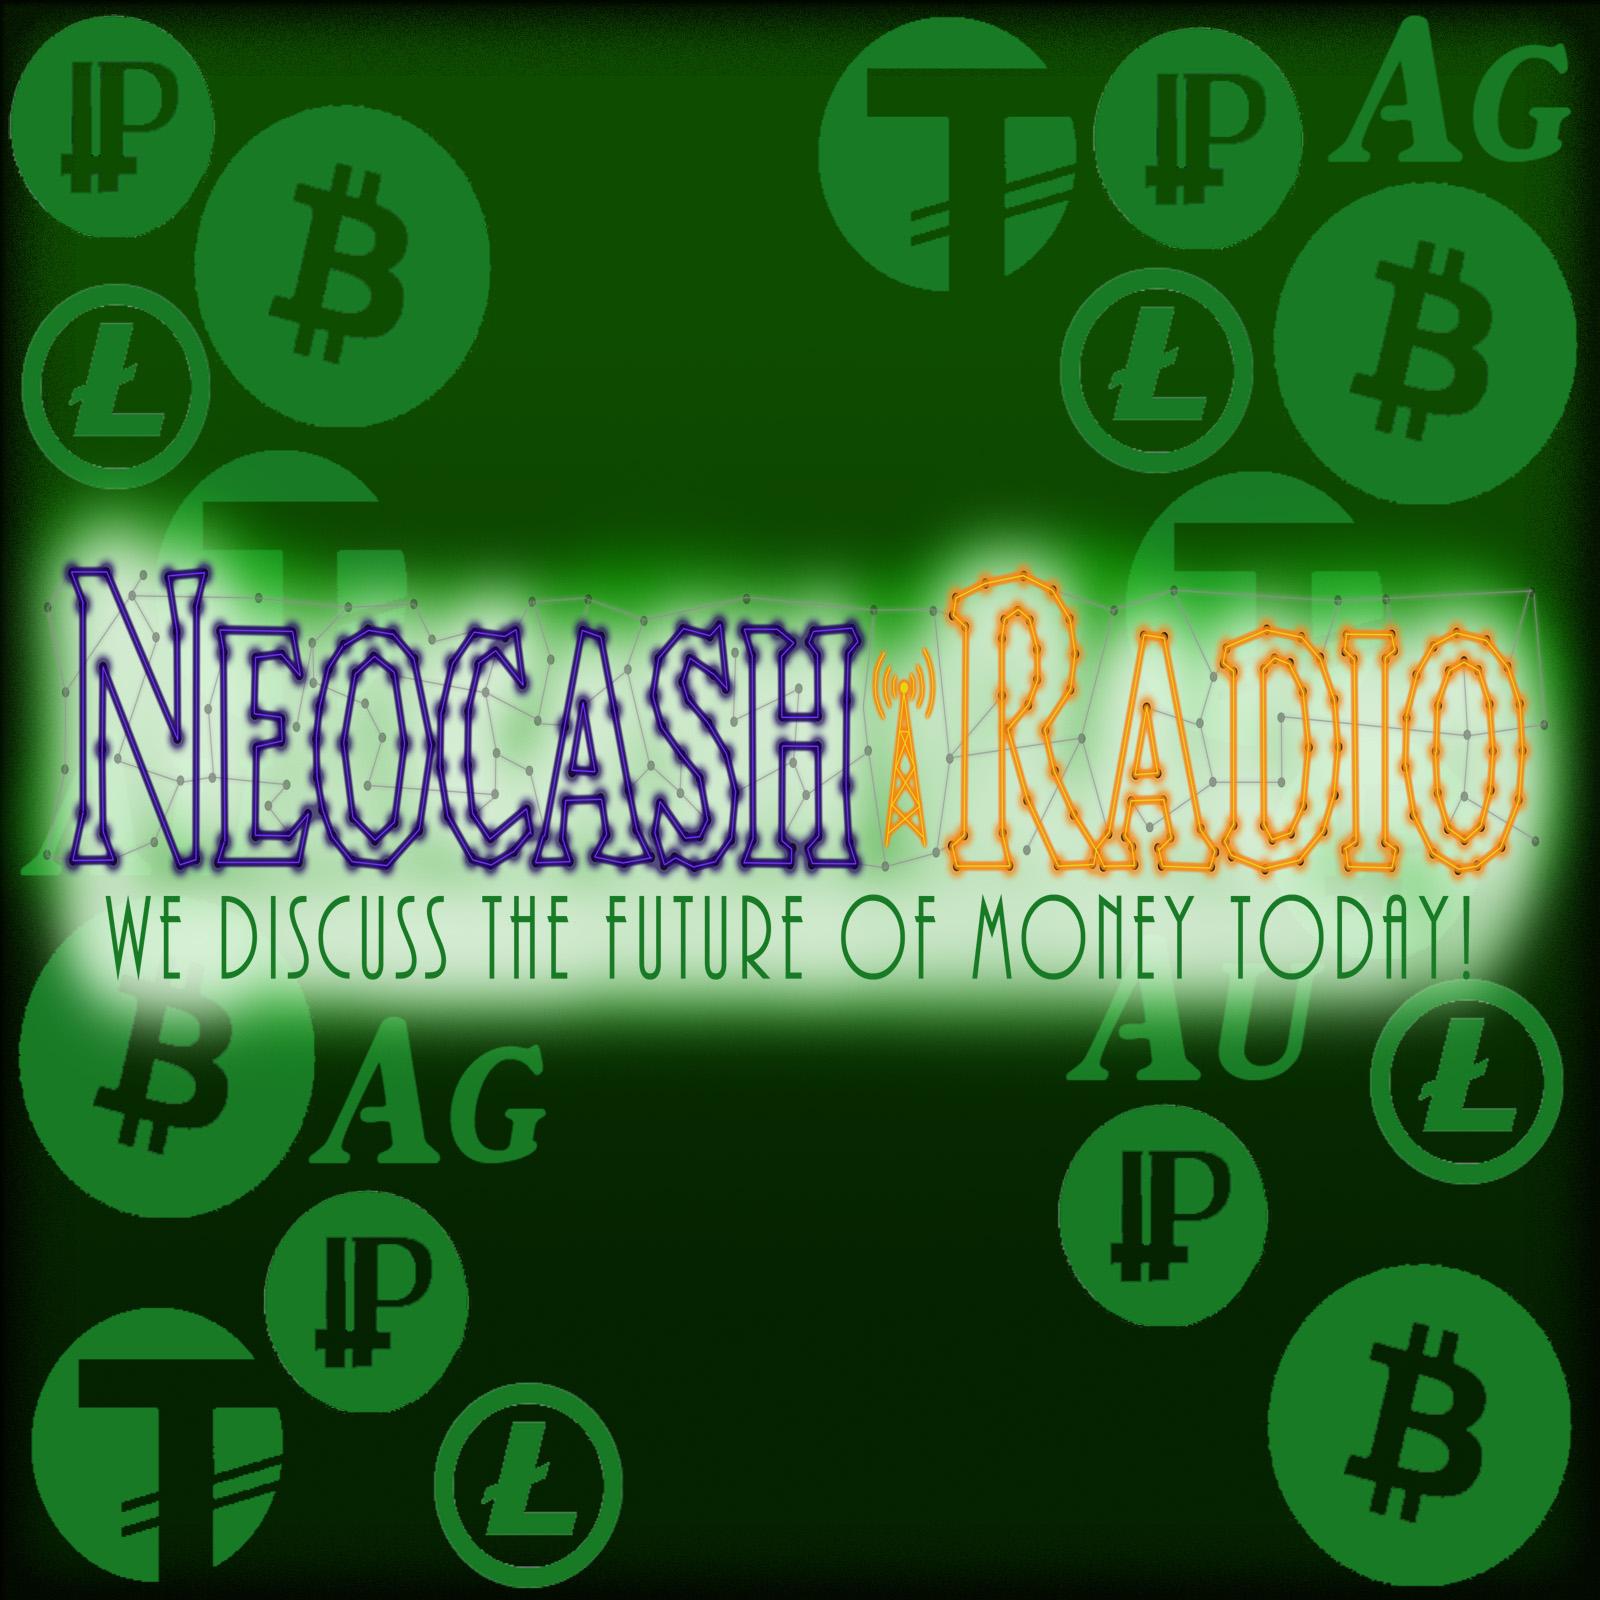 Neocash Radio - Episode 166